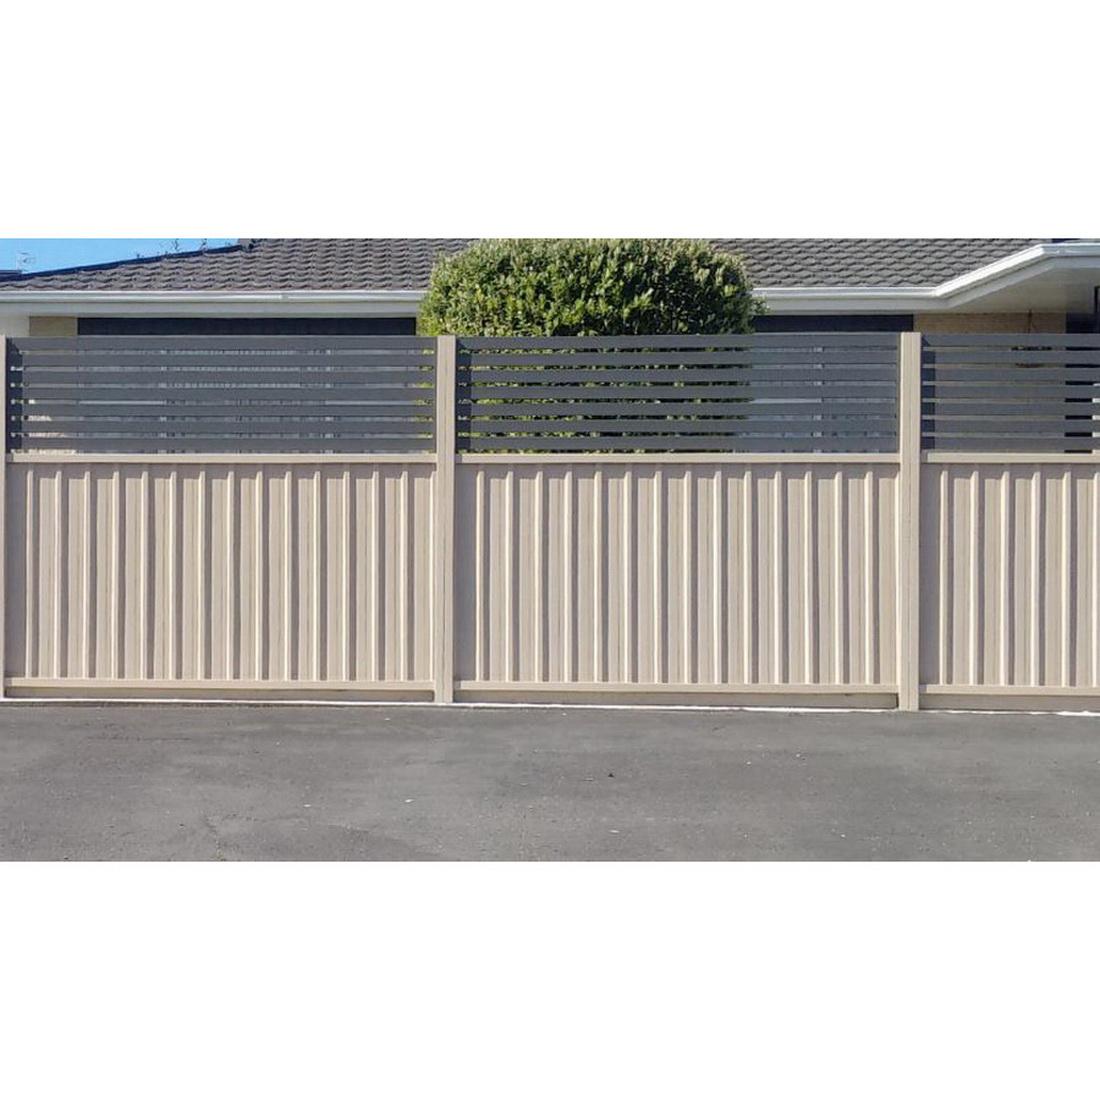 Borderline 1.2/6 Fence Panel 1800 x 2300mm Desertsand